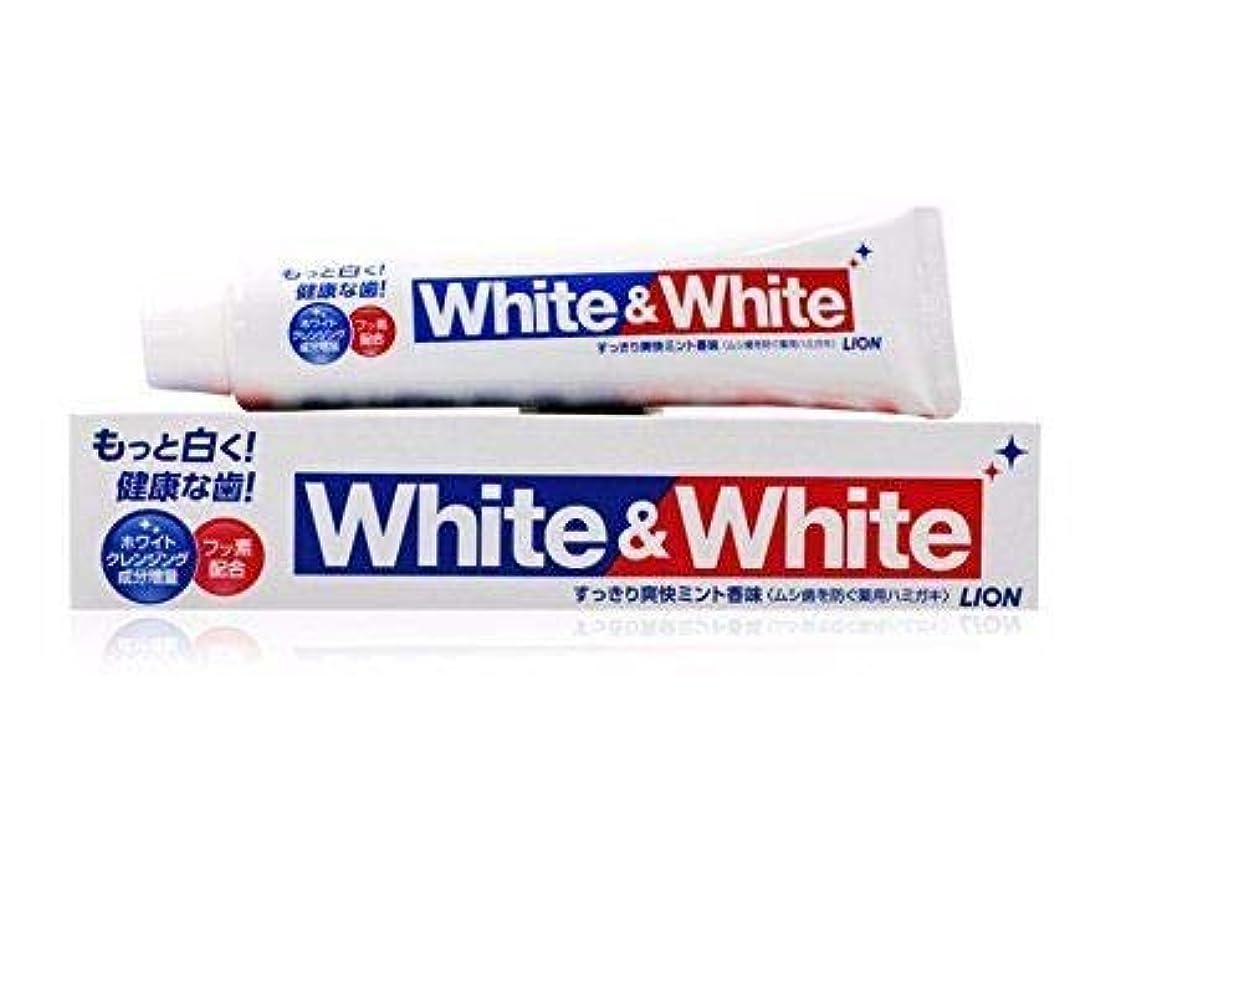 ラッカスショットもつれライオン ホワイト&ホワイト ライオン 150g (医薬部外品)